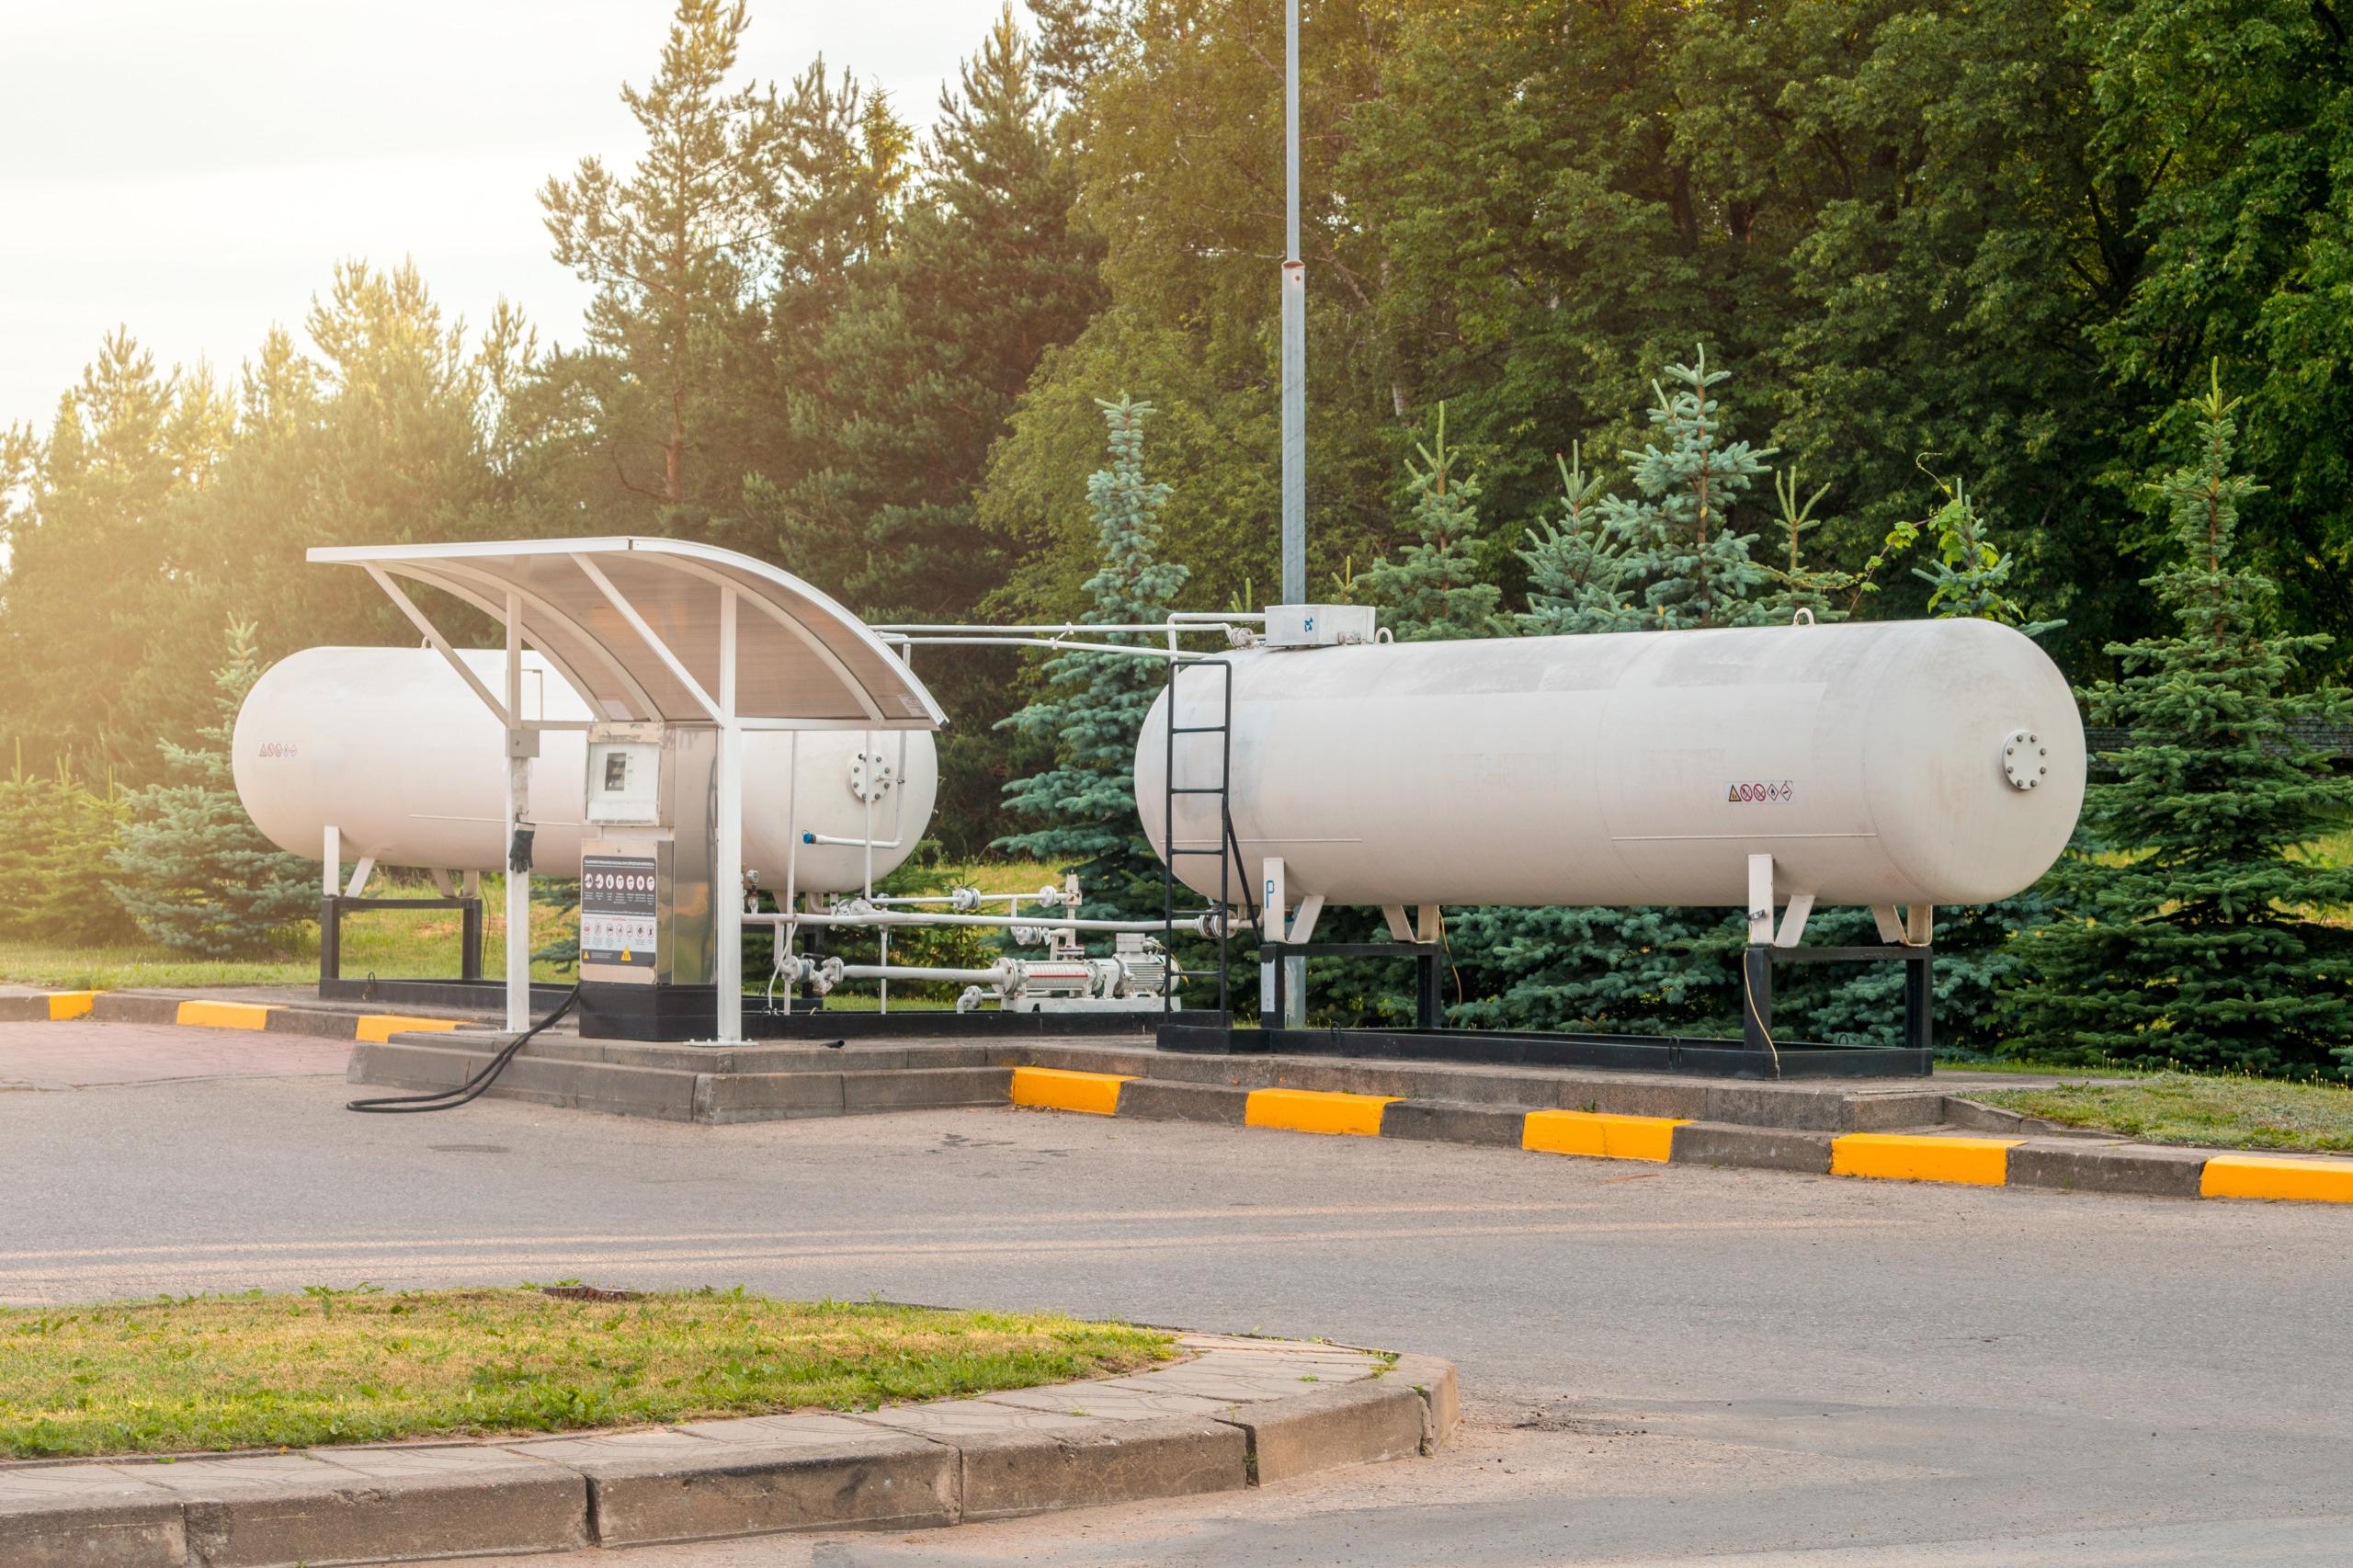 Öffentliche Tankstelle für LNG (Liquefied Natural Gas, verflüssigtes Erdgas).